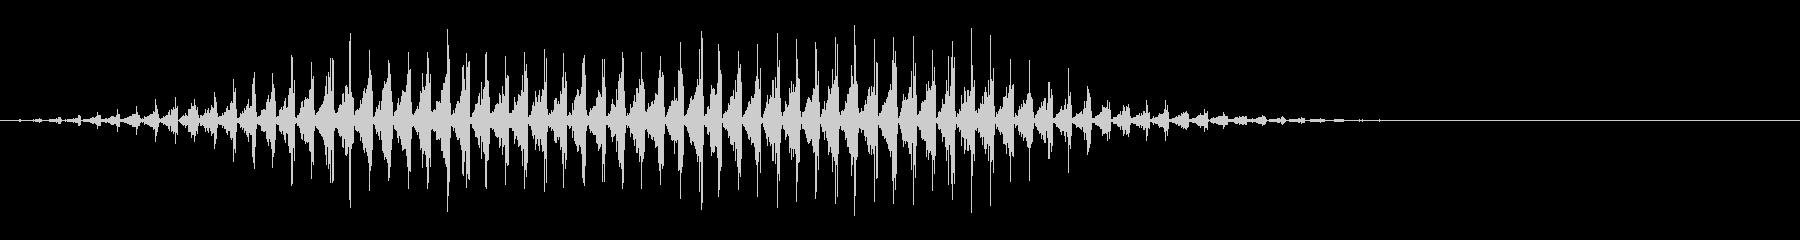 虫の羽音(ブーン/モンスター/飛ぶ)_1の未再生の波形